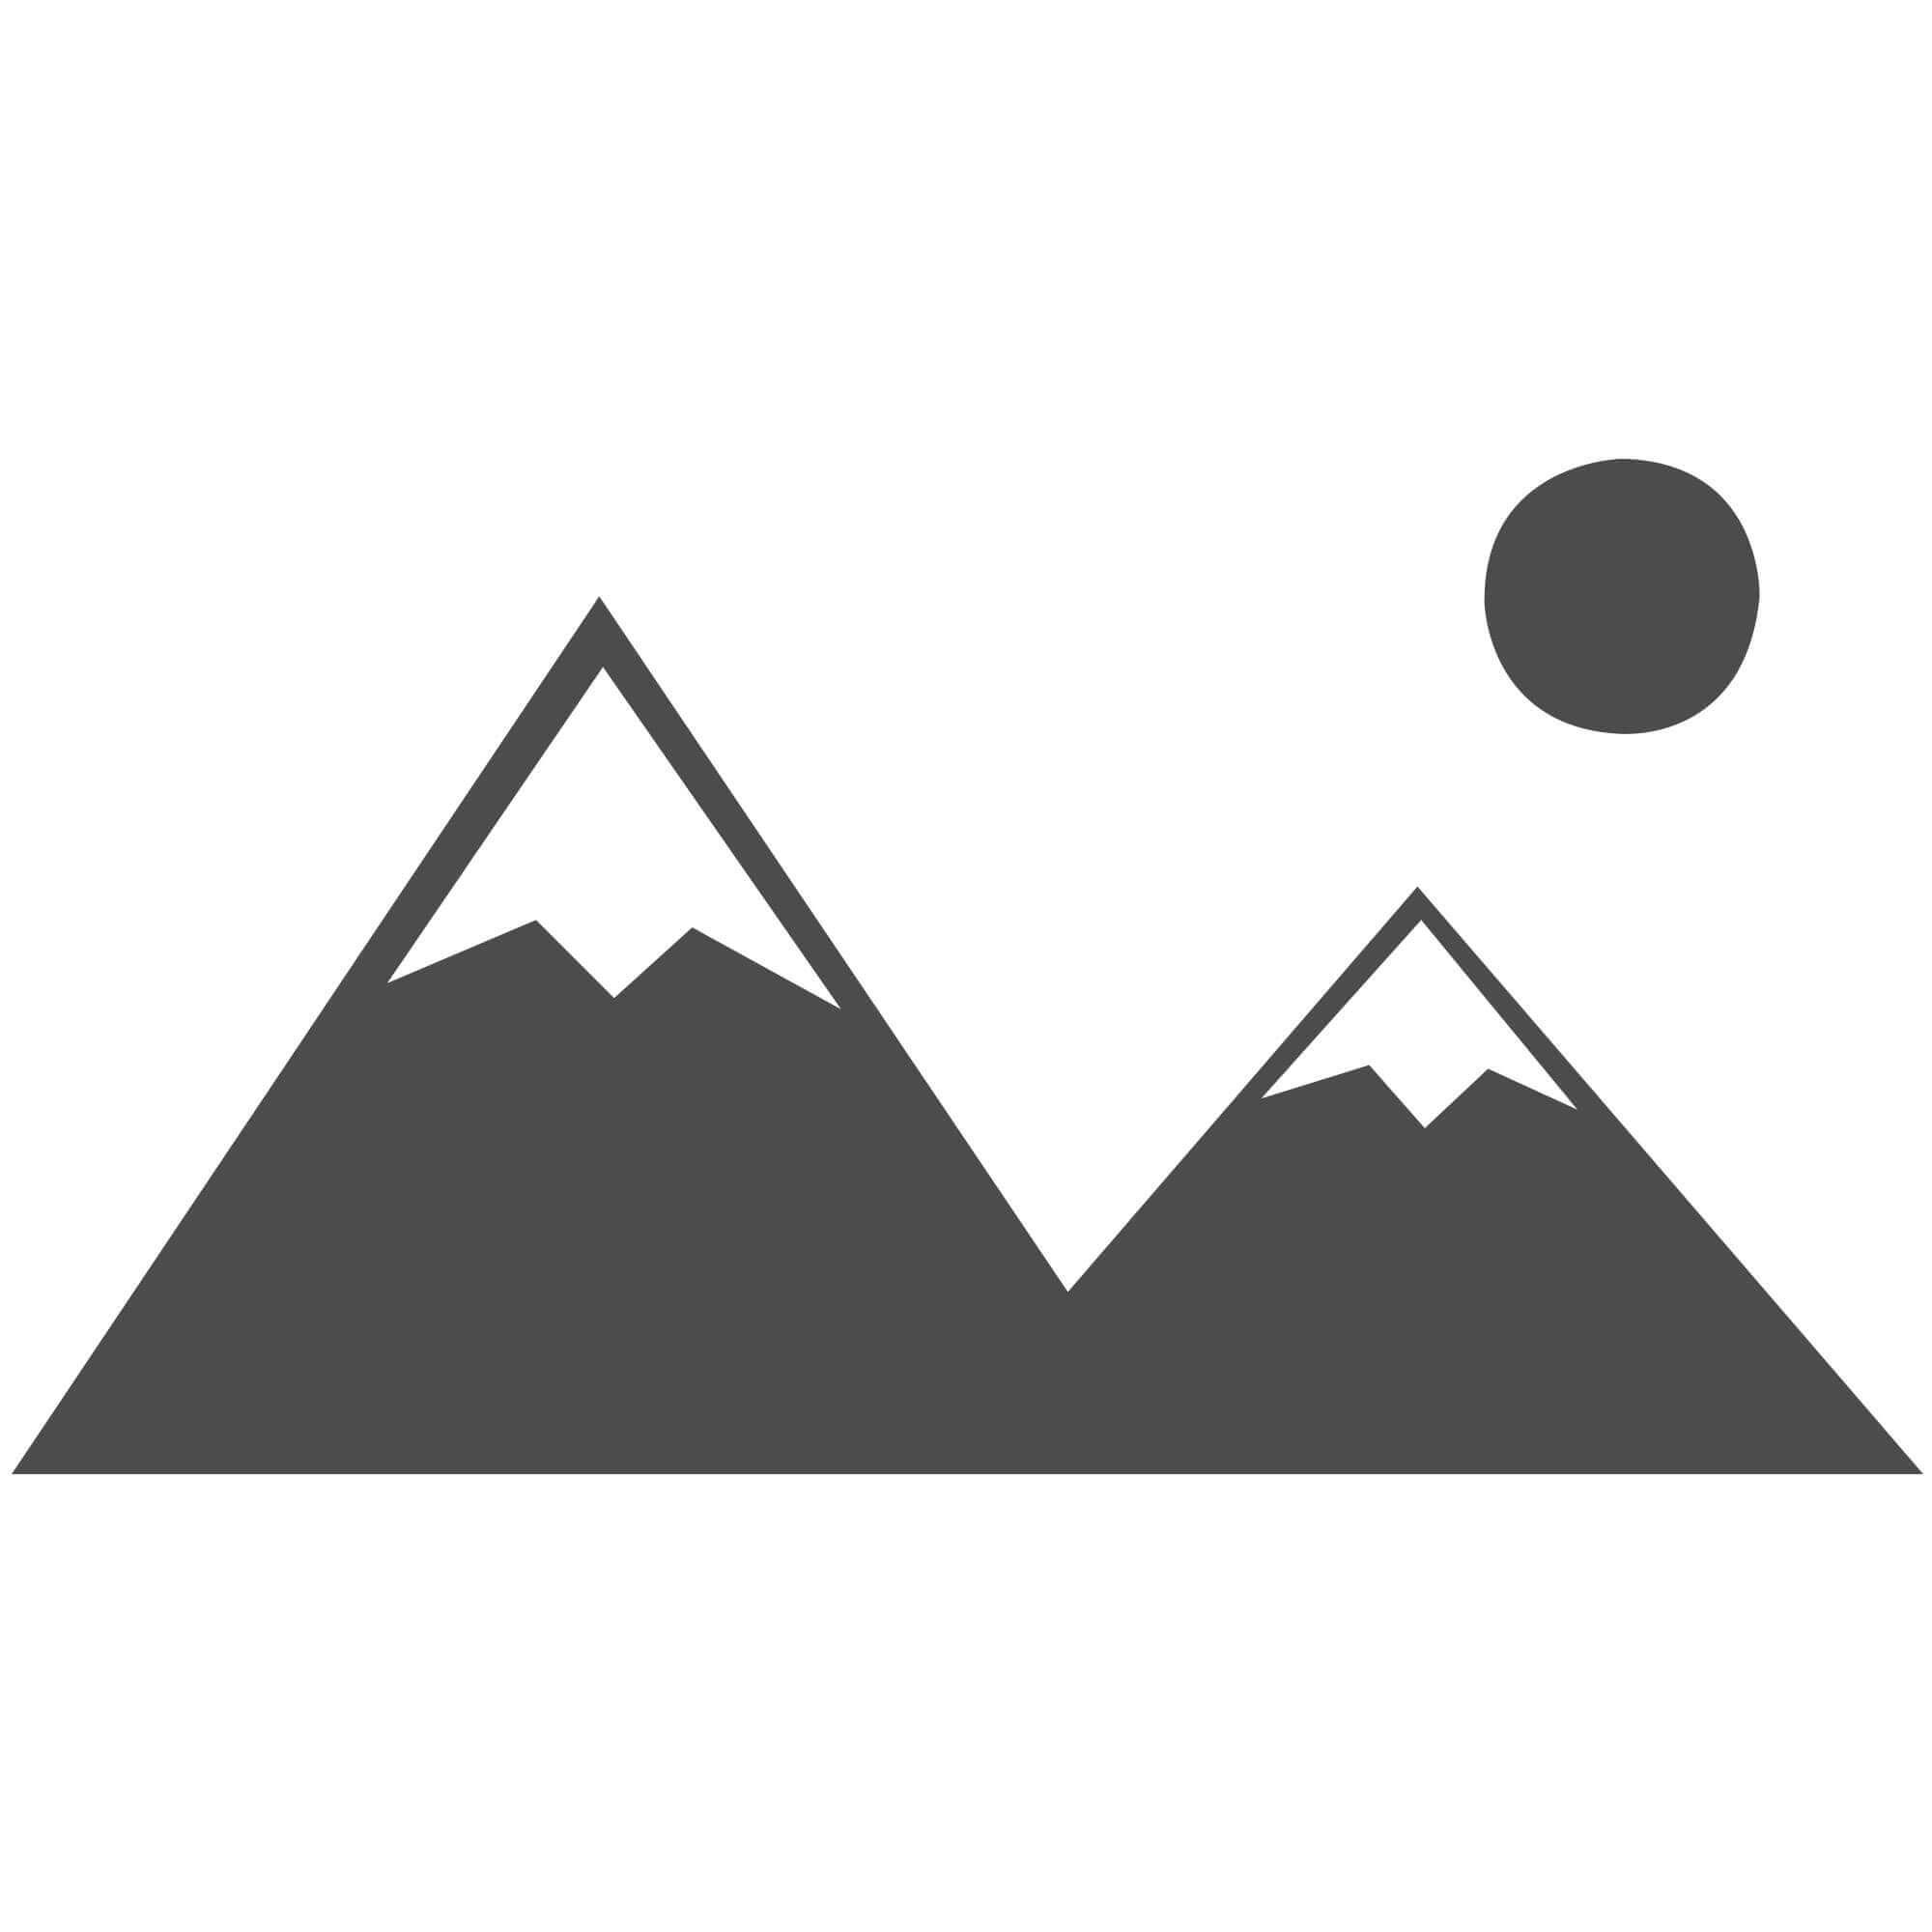 """Galleria Rug - Square 63244 2626 - Size 160 x 230 cm (5'3"""" x 7'7"""")"""